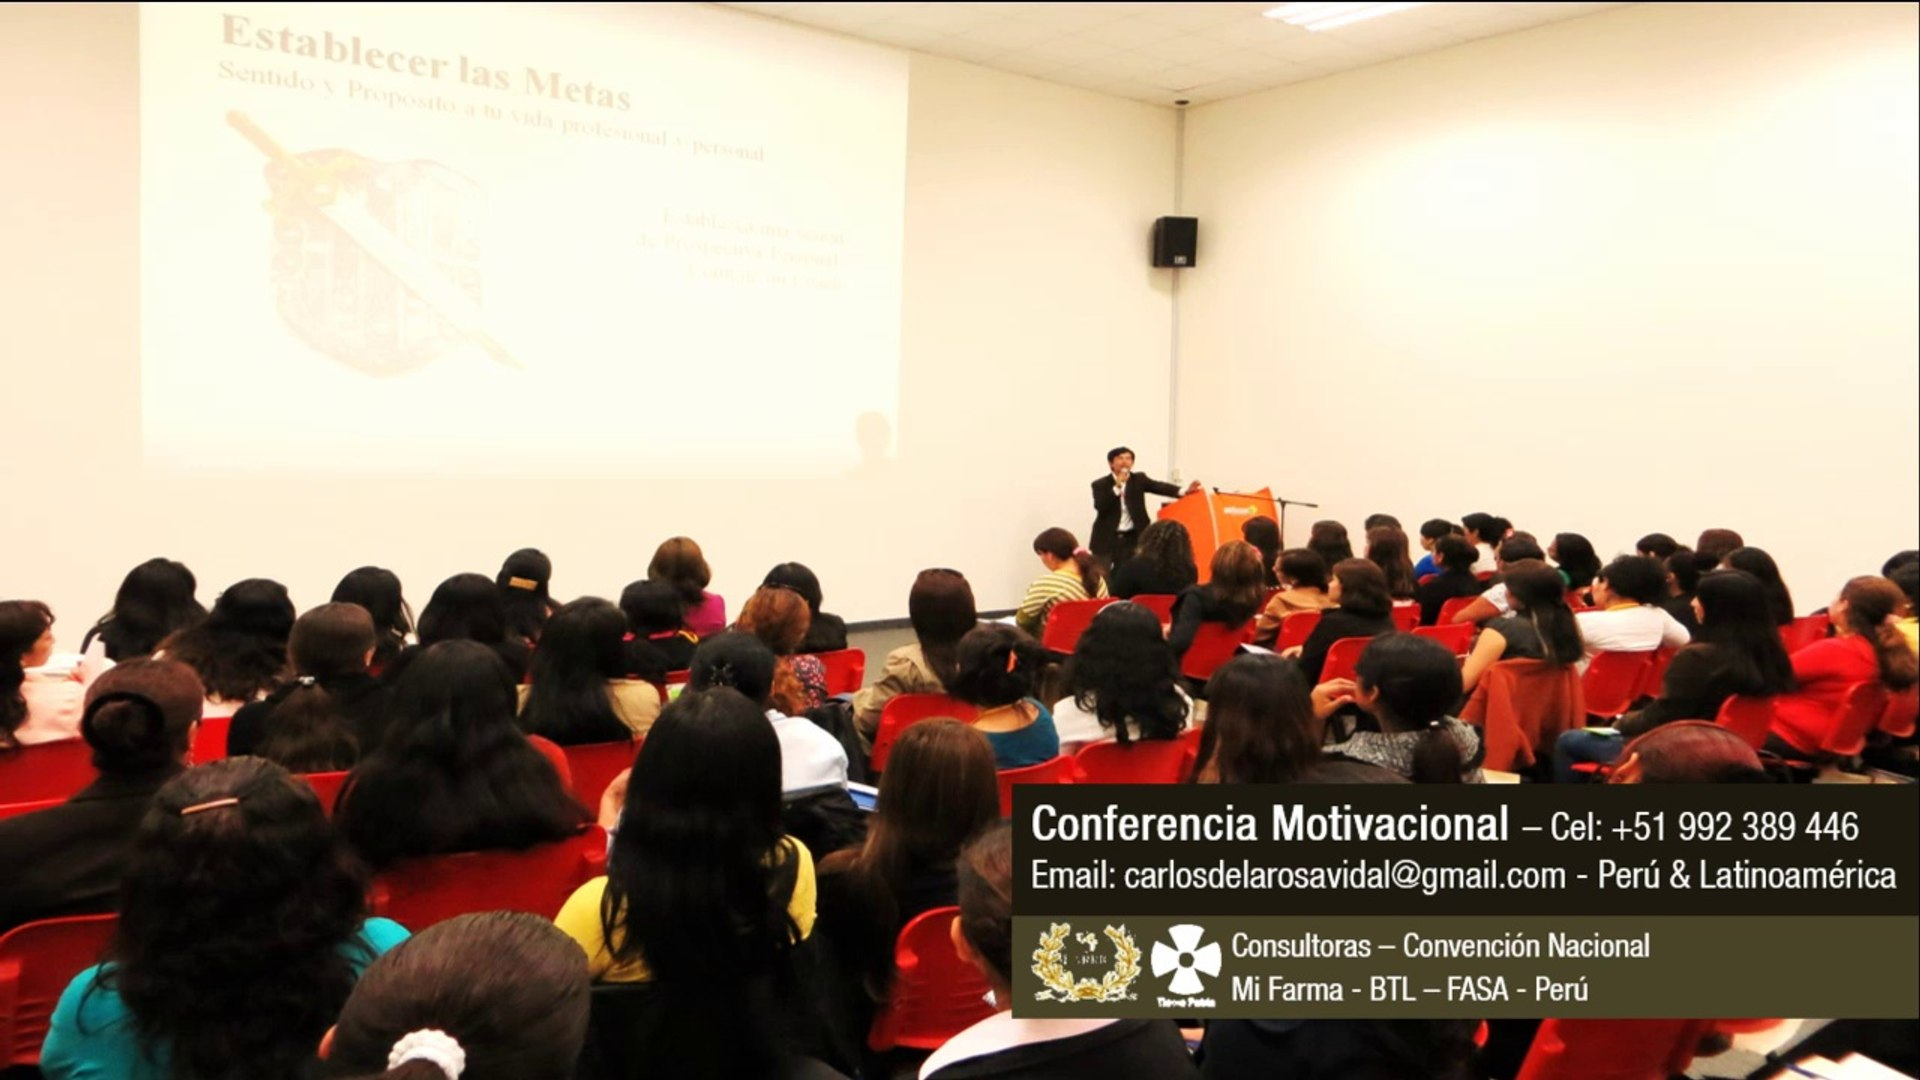 Charlas Motivacionales En Lima Conferencista Internacional